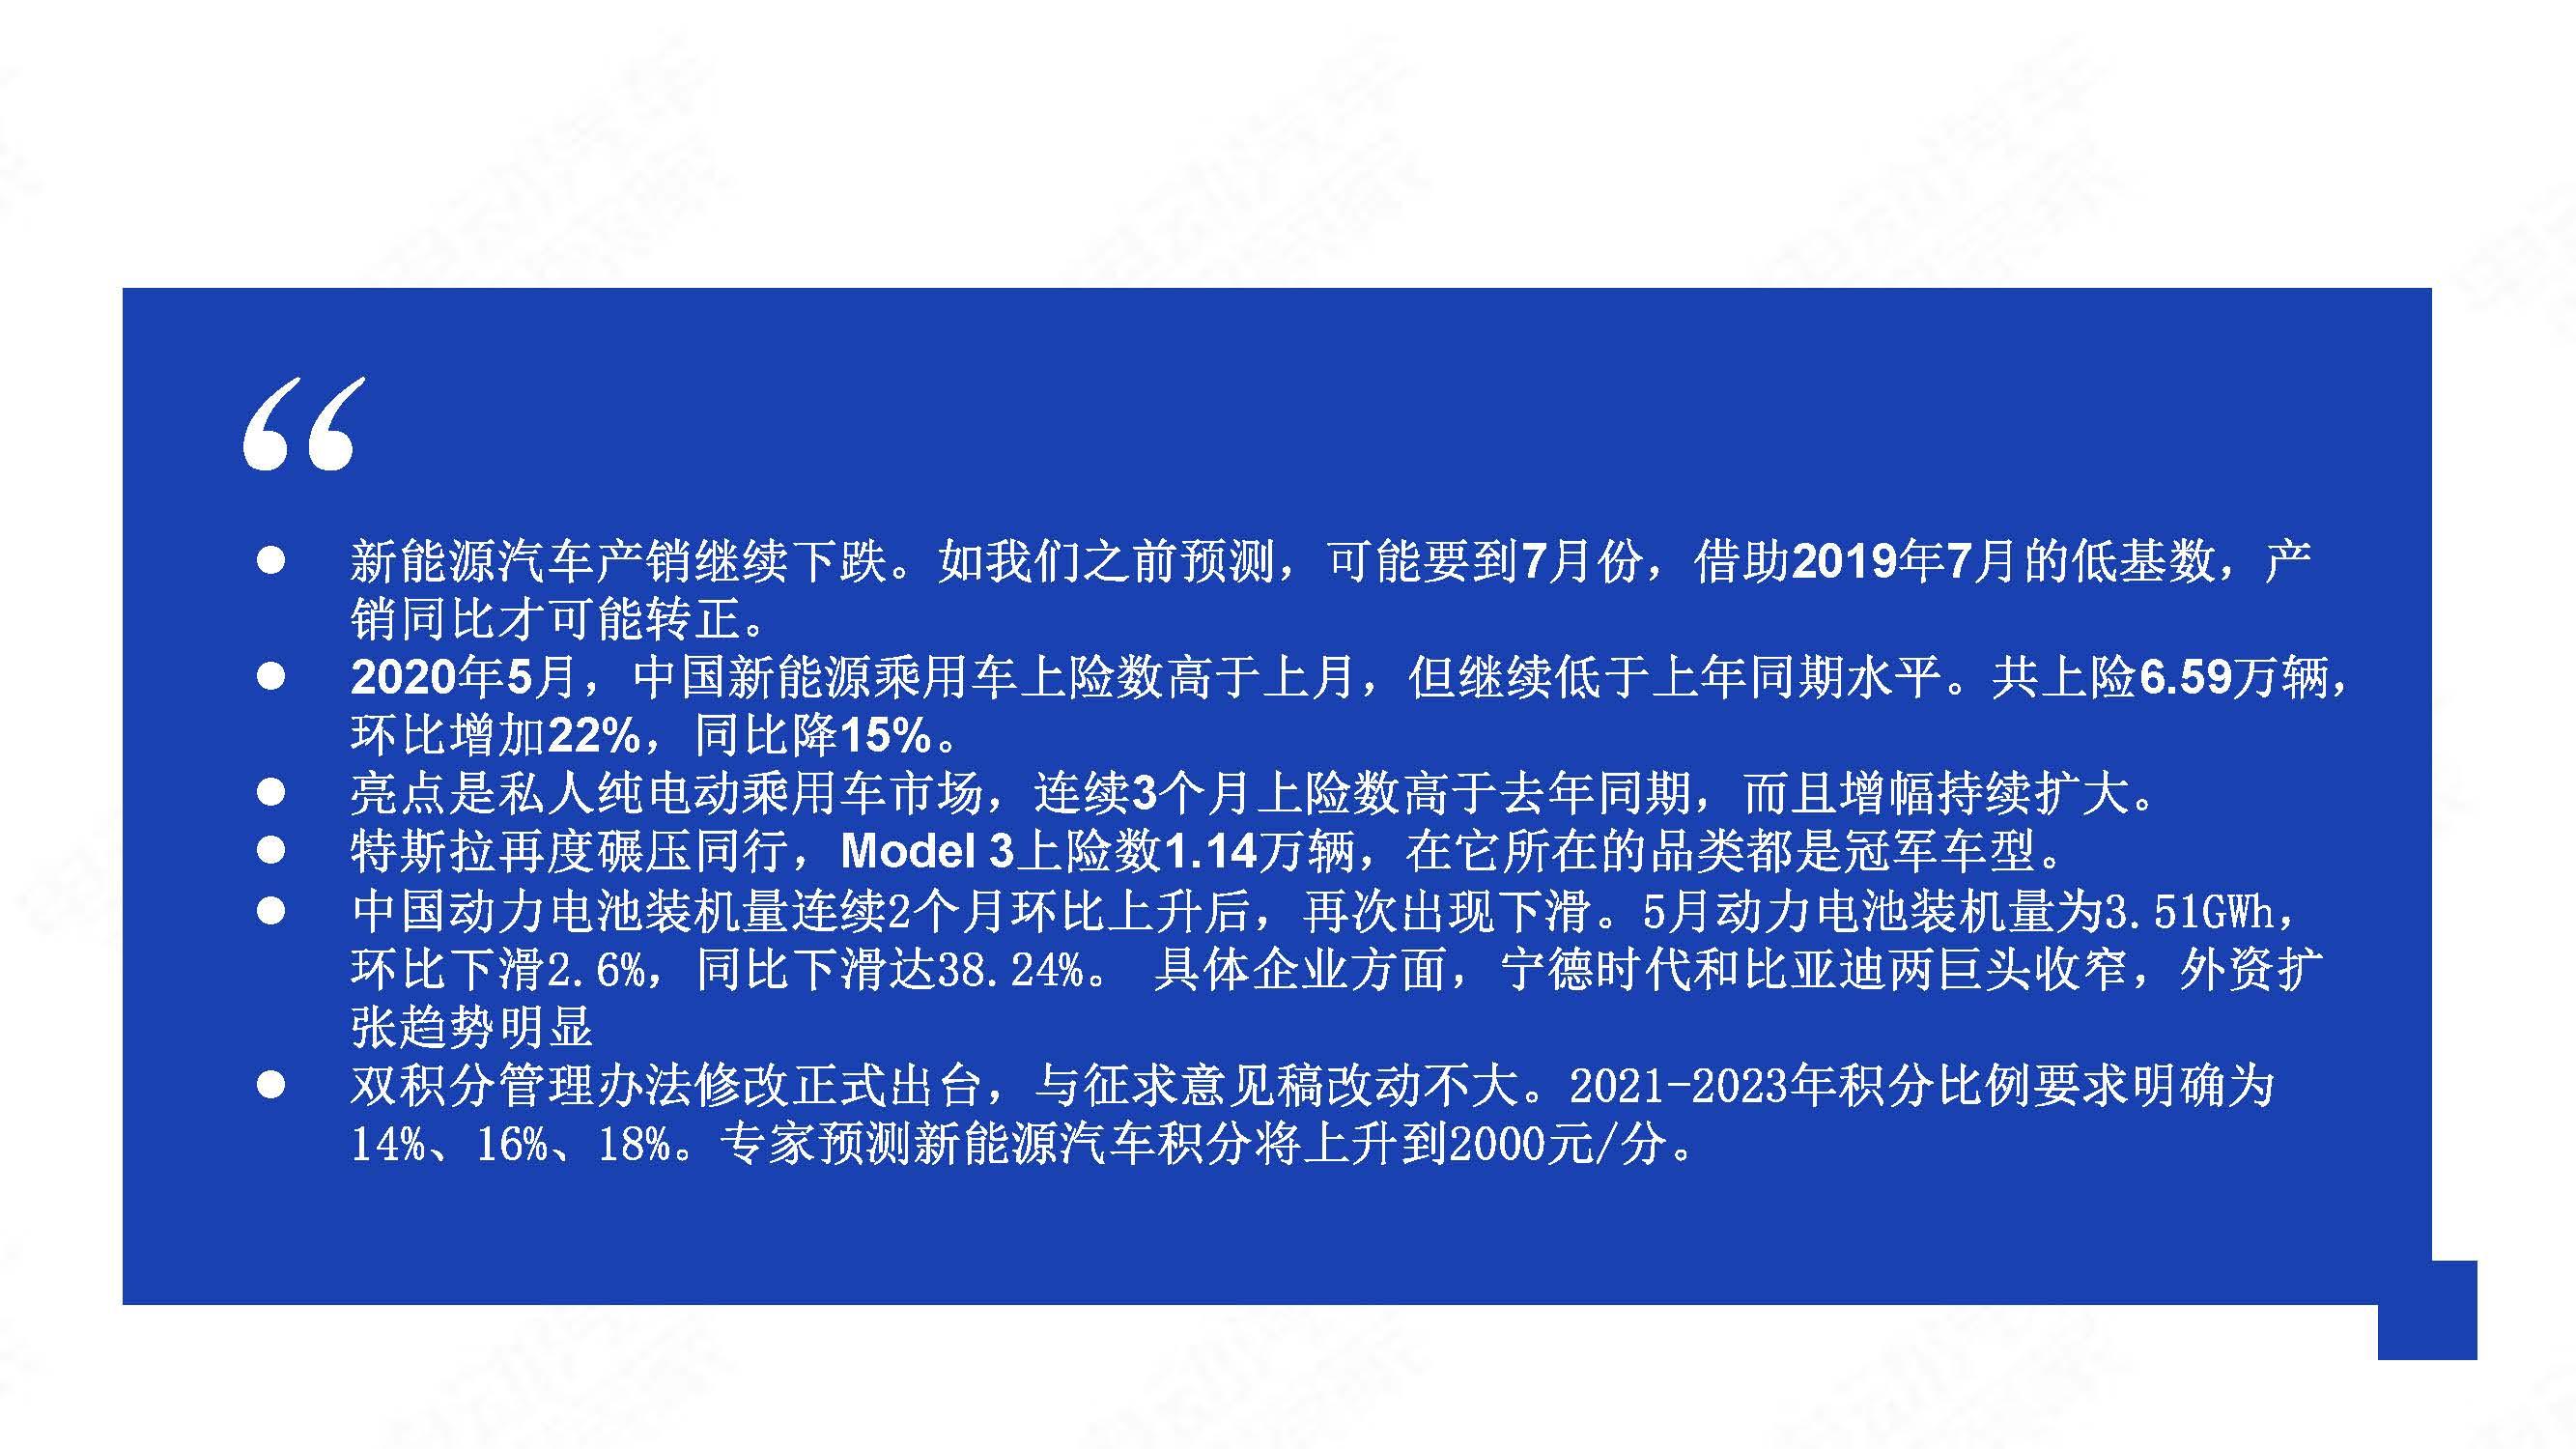 中国新能源汽车产业观察2020年5月简版_页面_02